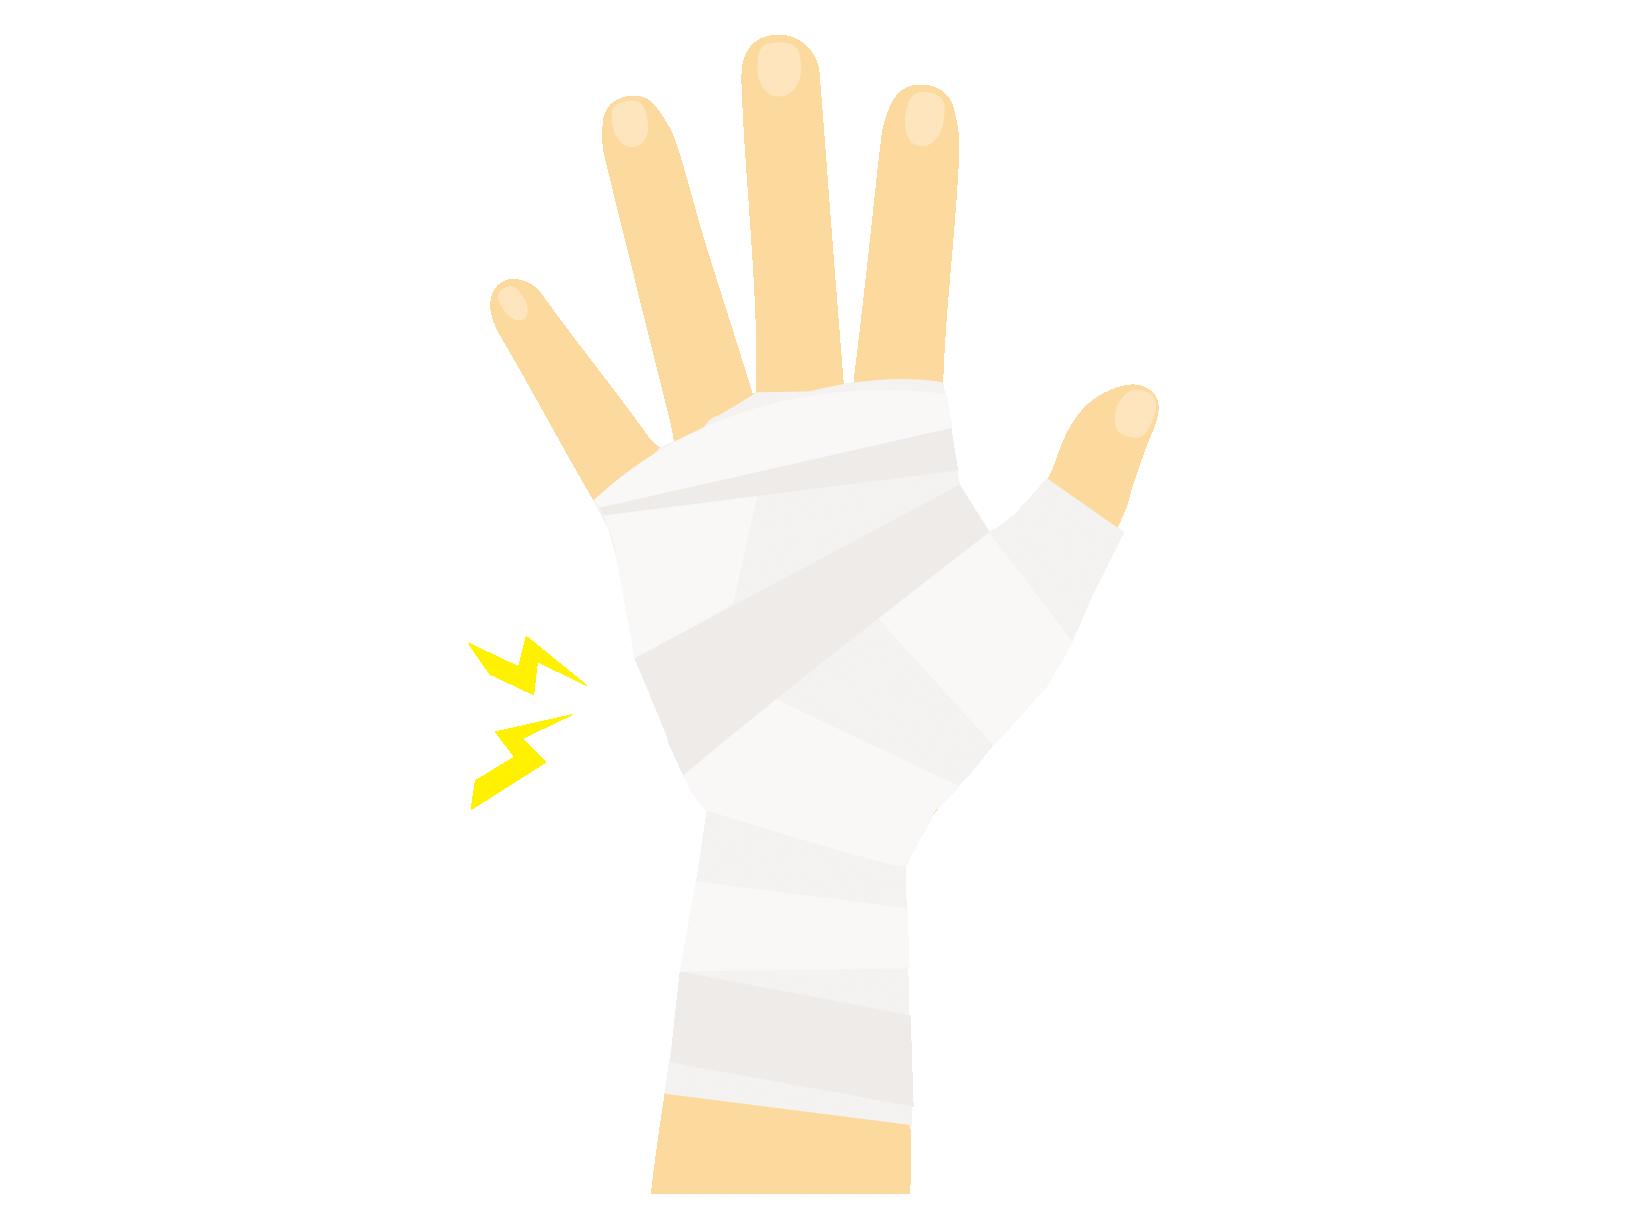 腱鞘炎のテーピングのイラスト